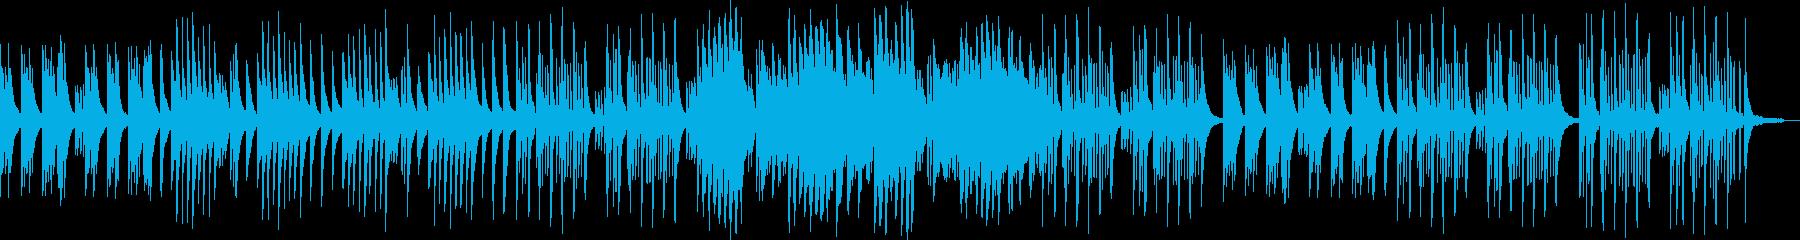 切なさとほのぼのの中間なピアノバラードの再生済みの波形